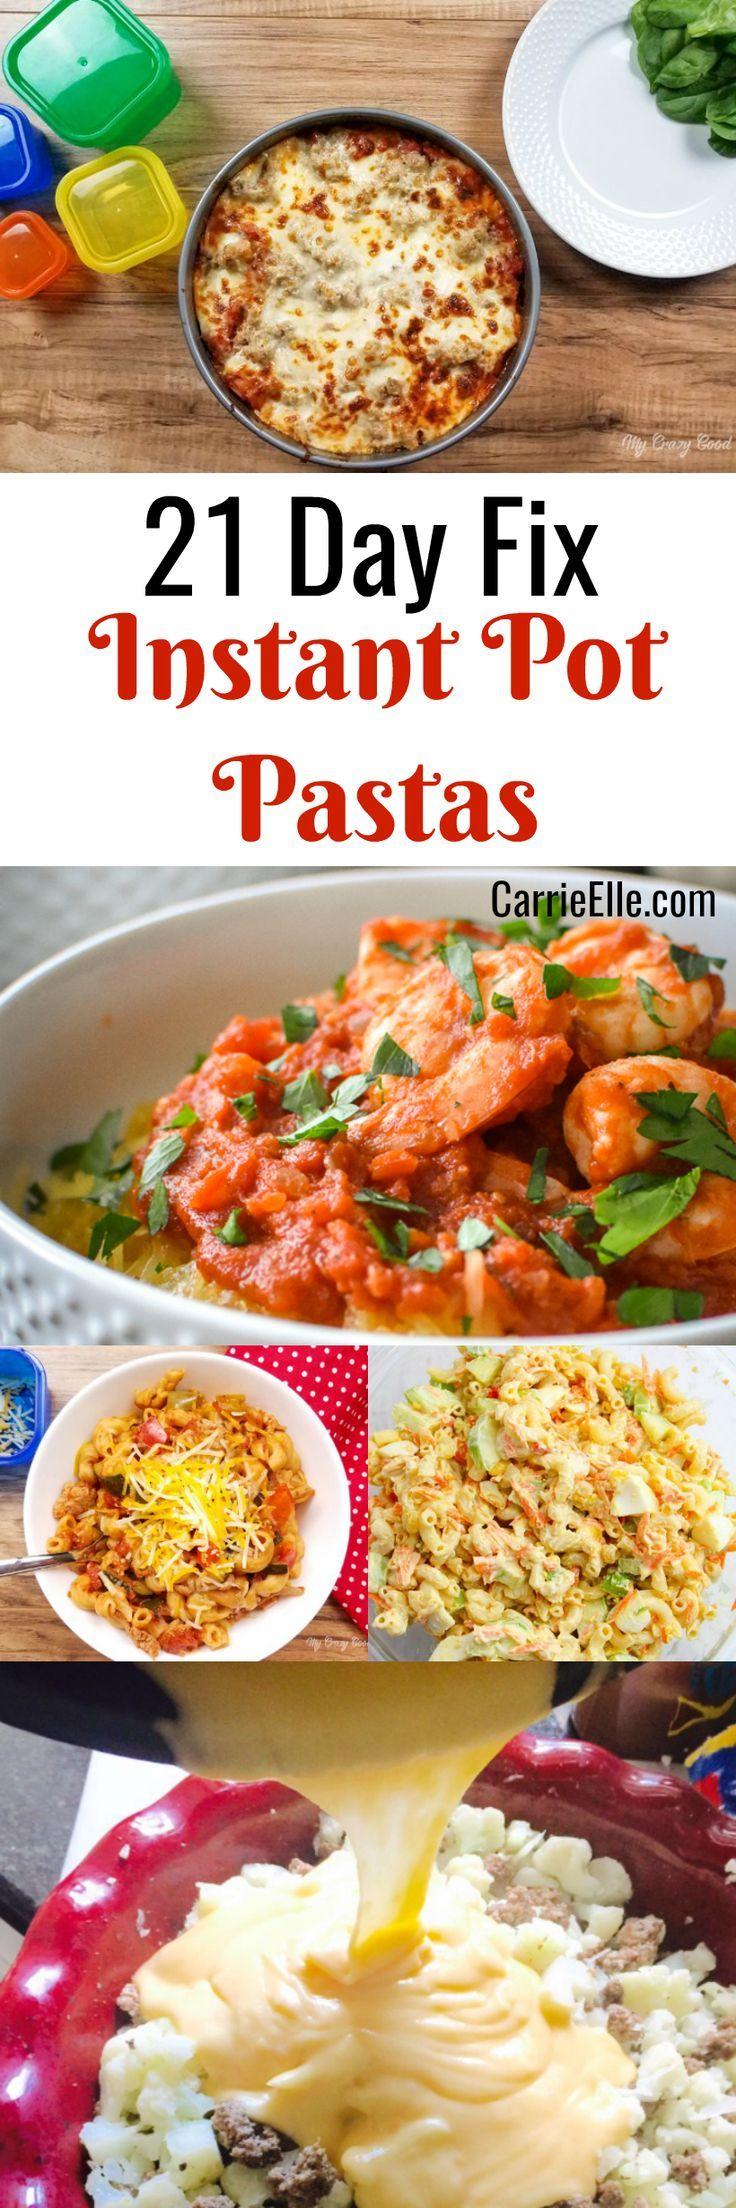 21 Day Fix Instant Pot Pasta Recipes